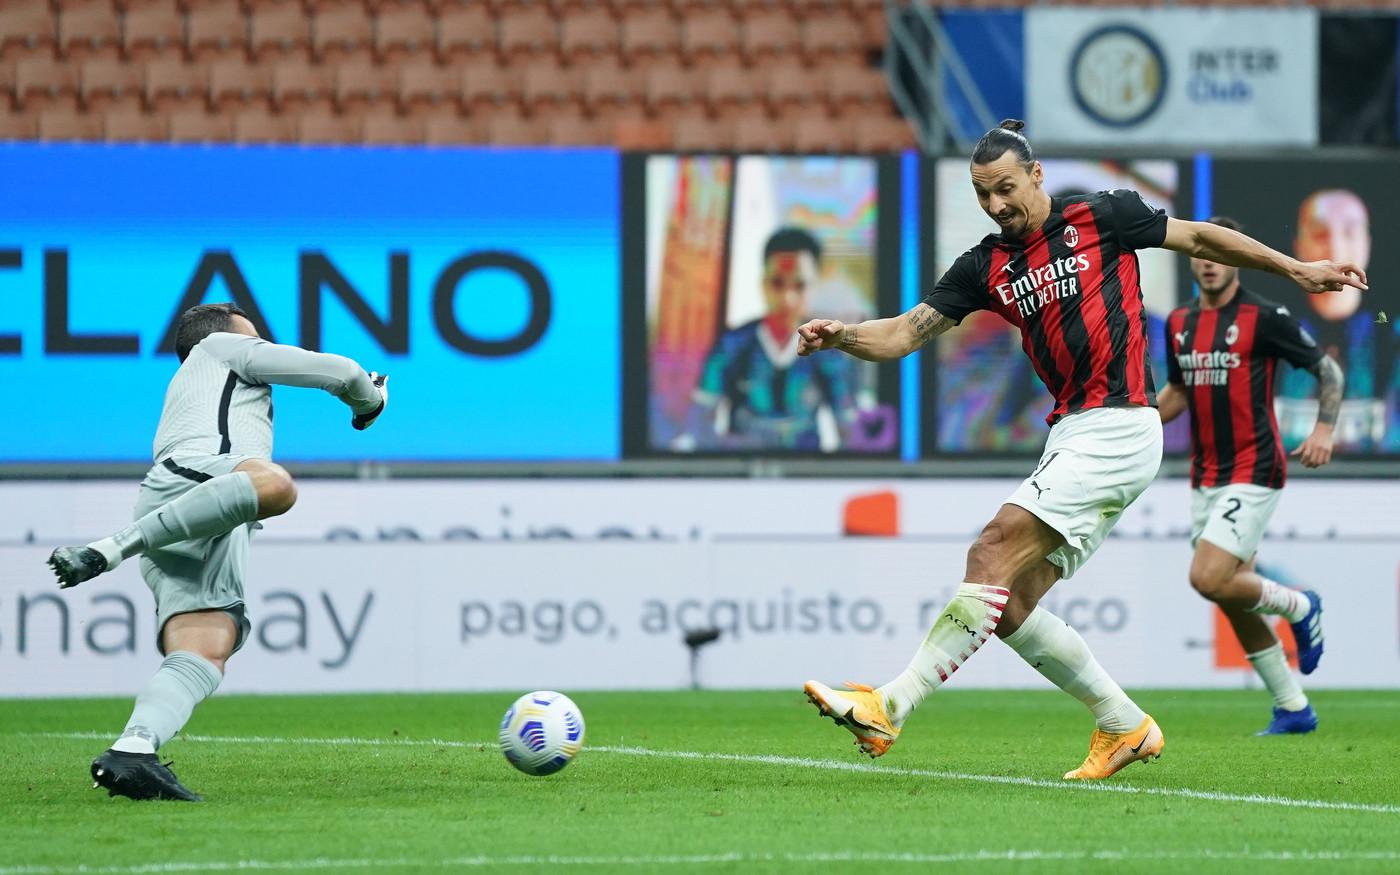 Le immagini del derby della Madonnina dove l&#39;Inter di Conte e il Milan di Pioli hanno dato spettacolo&nbsp;in un San Siro con soli 1000 spettatori ammessi.<br /><br />